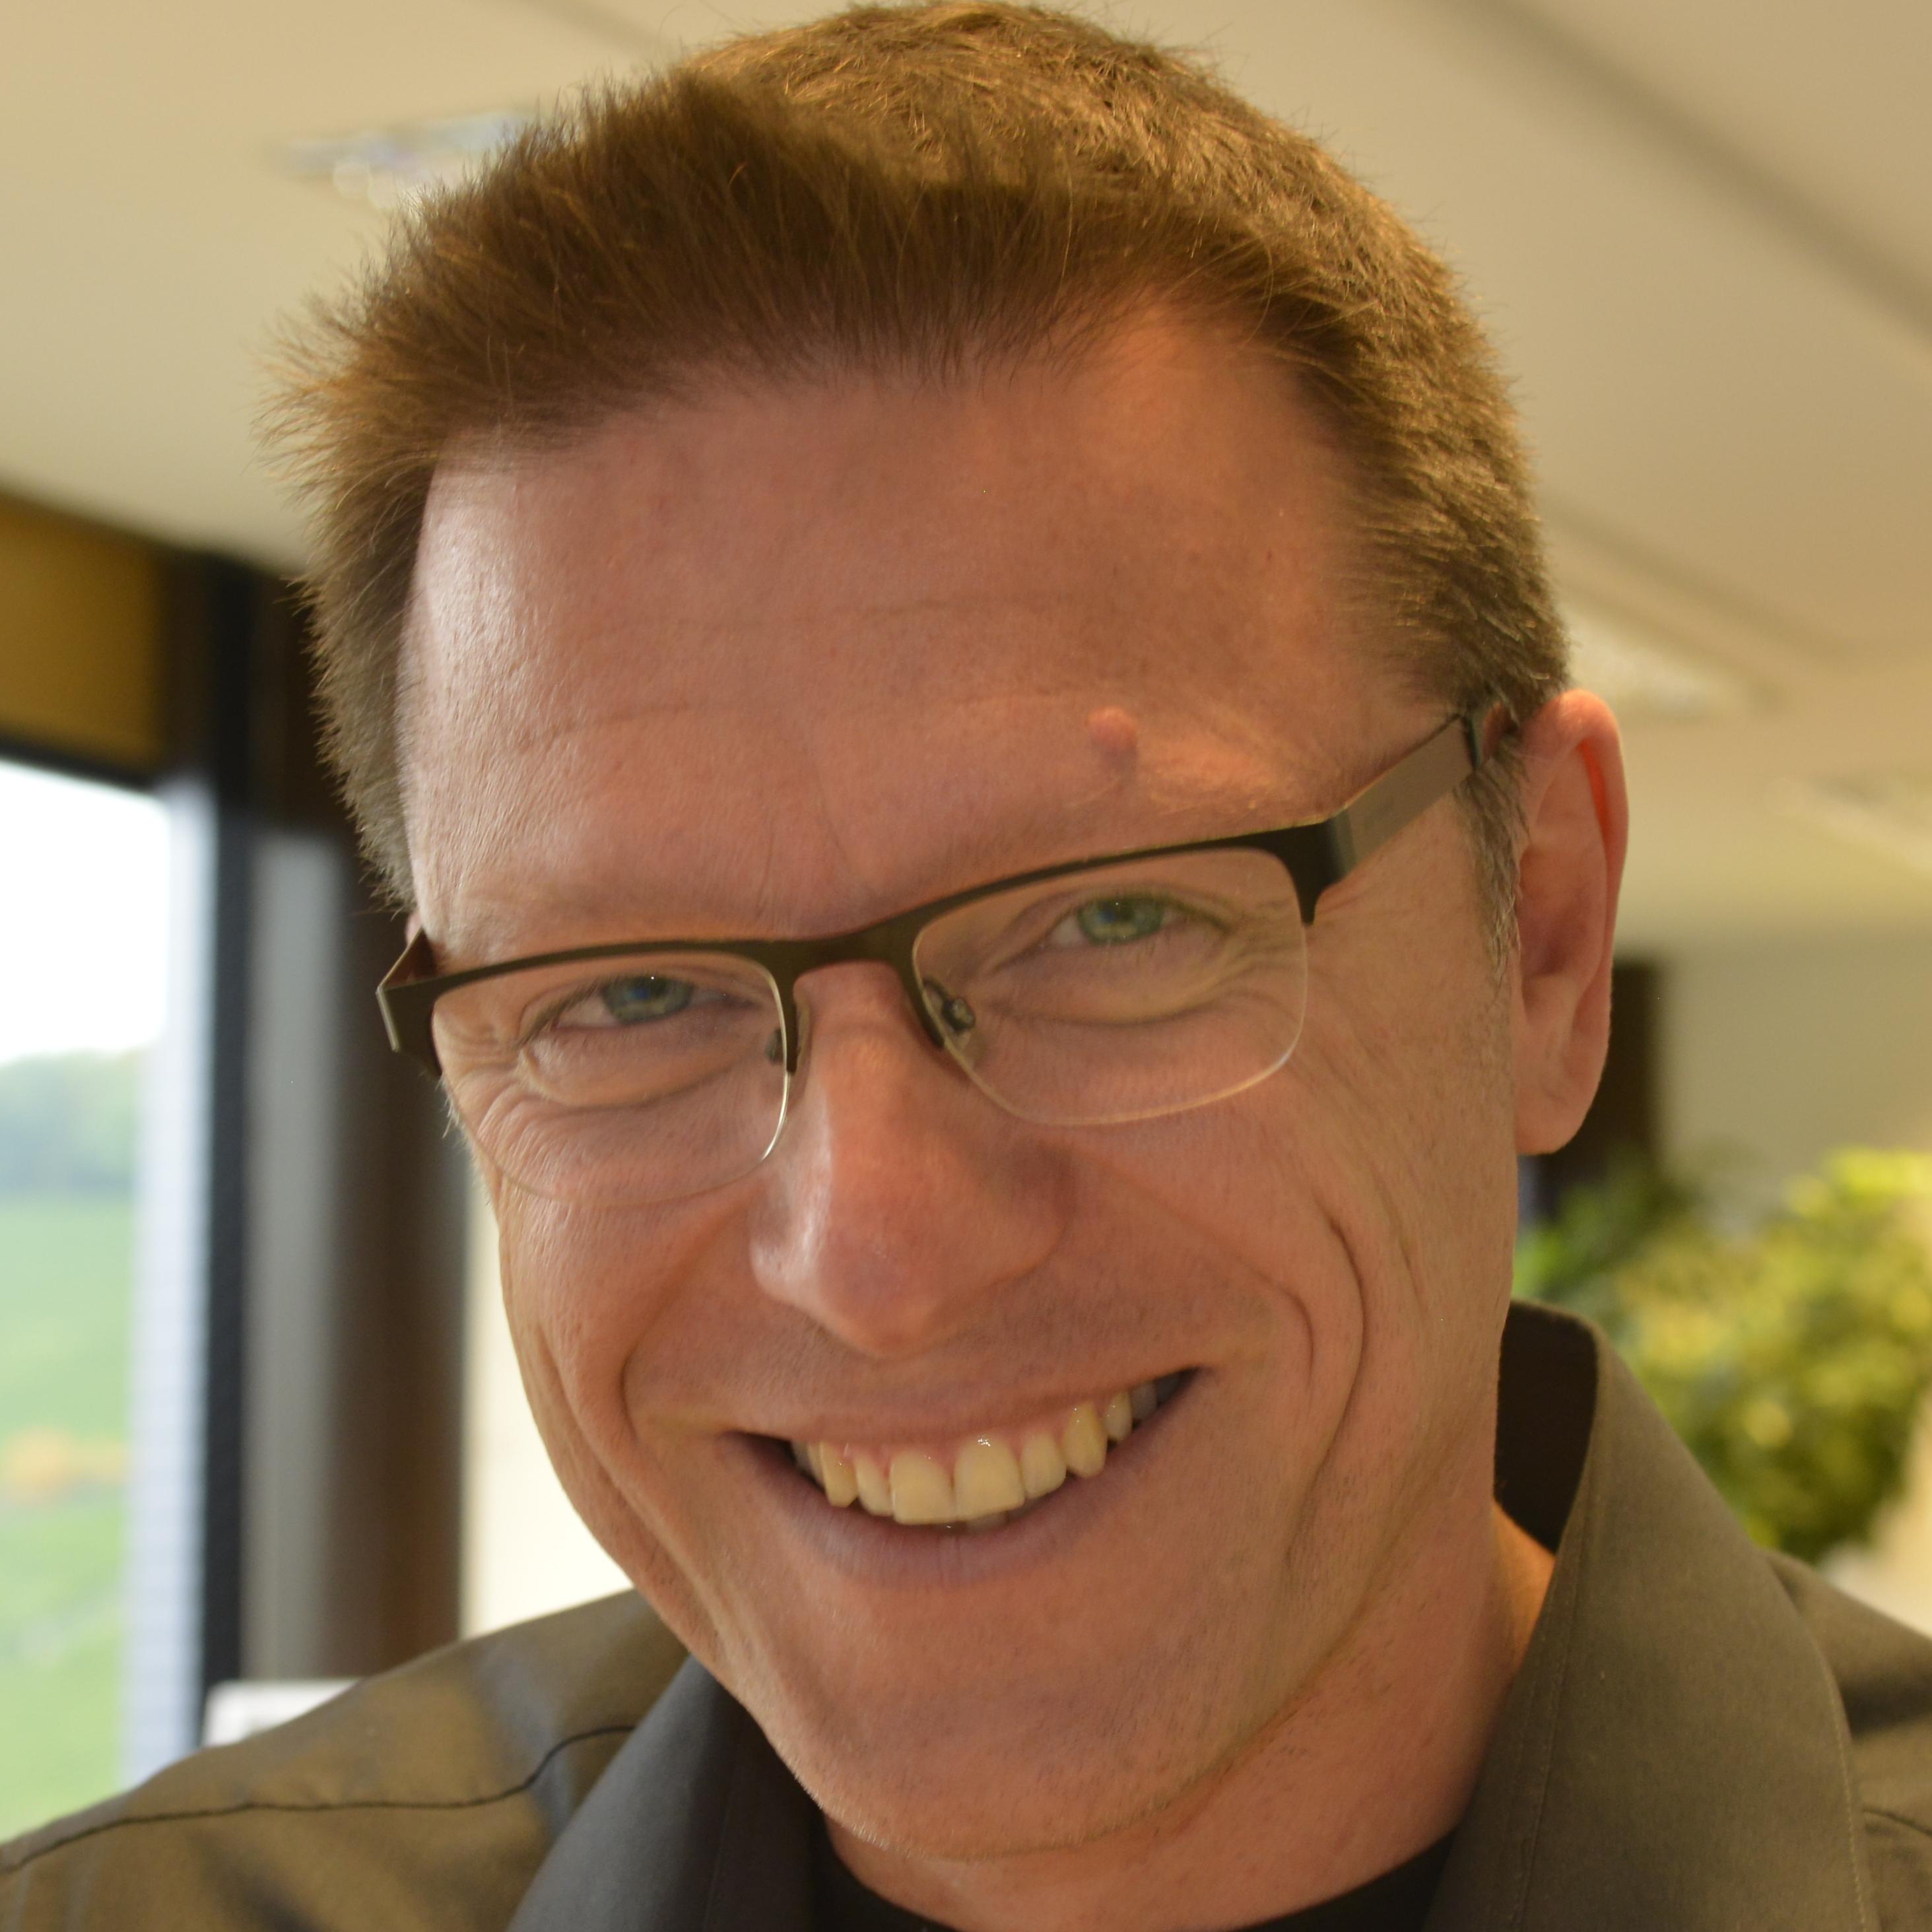 Patrick Obrusnik